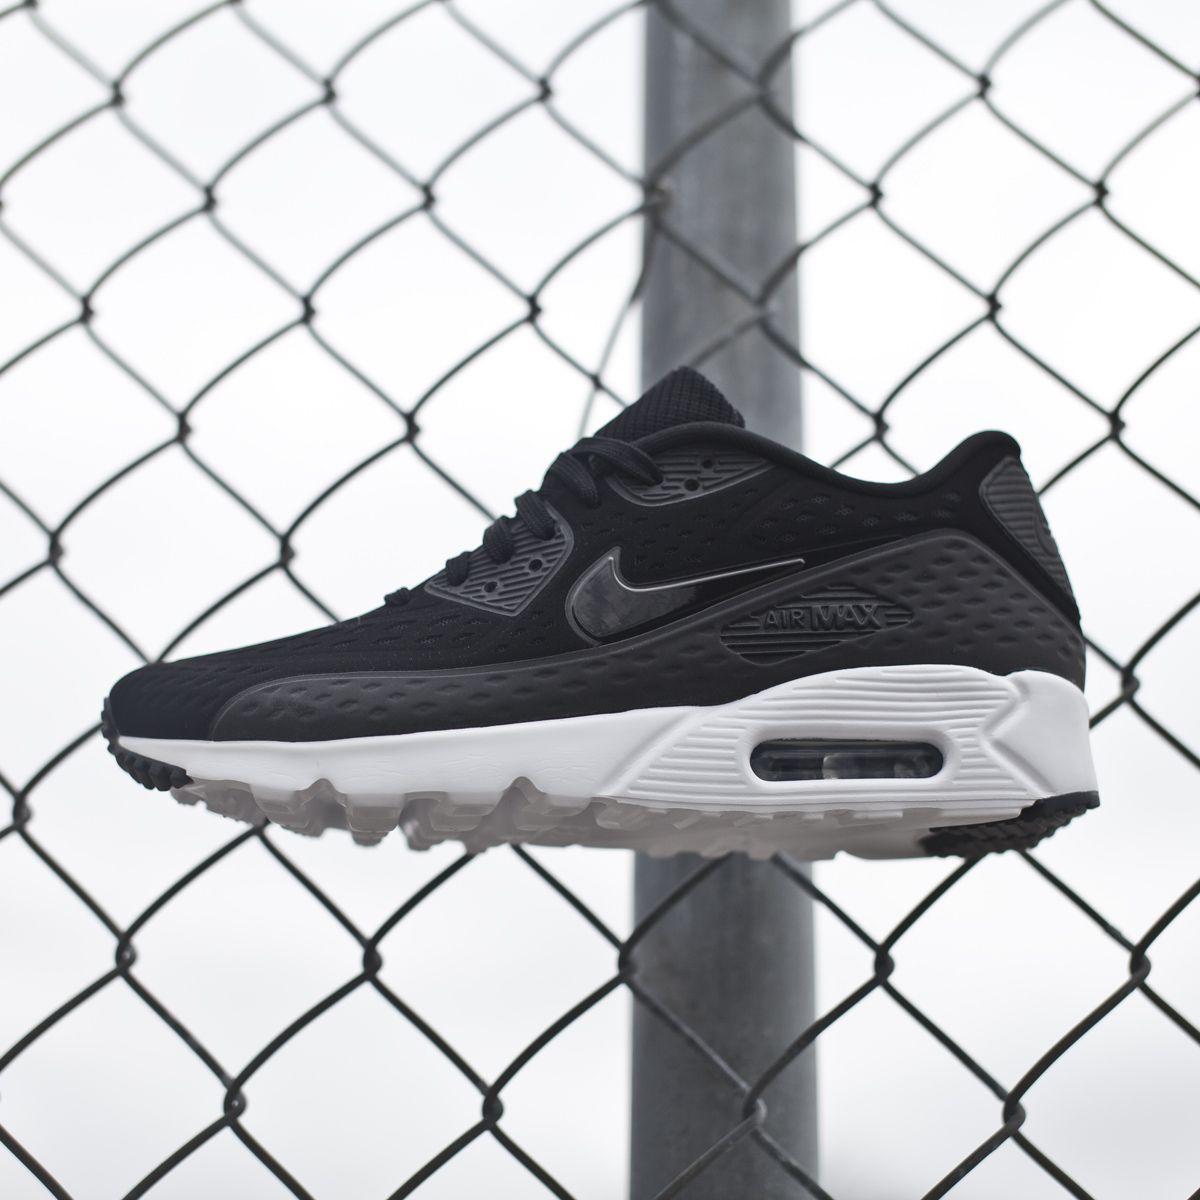 nike roshe black cheap, Nike air max 90 ultra br nike